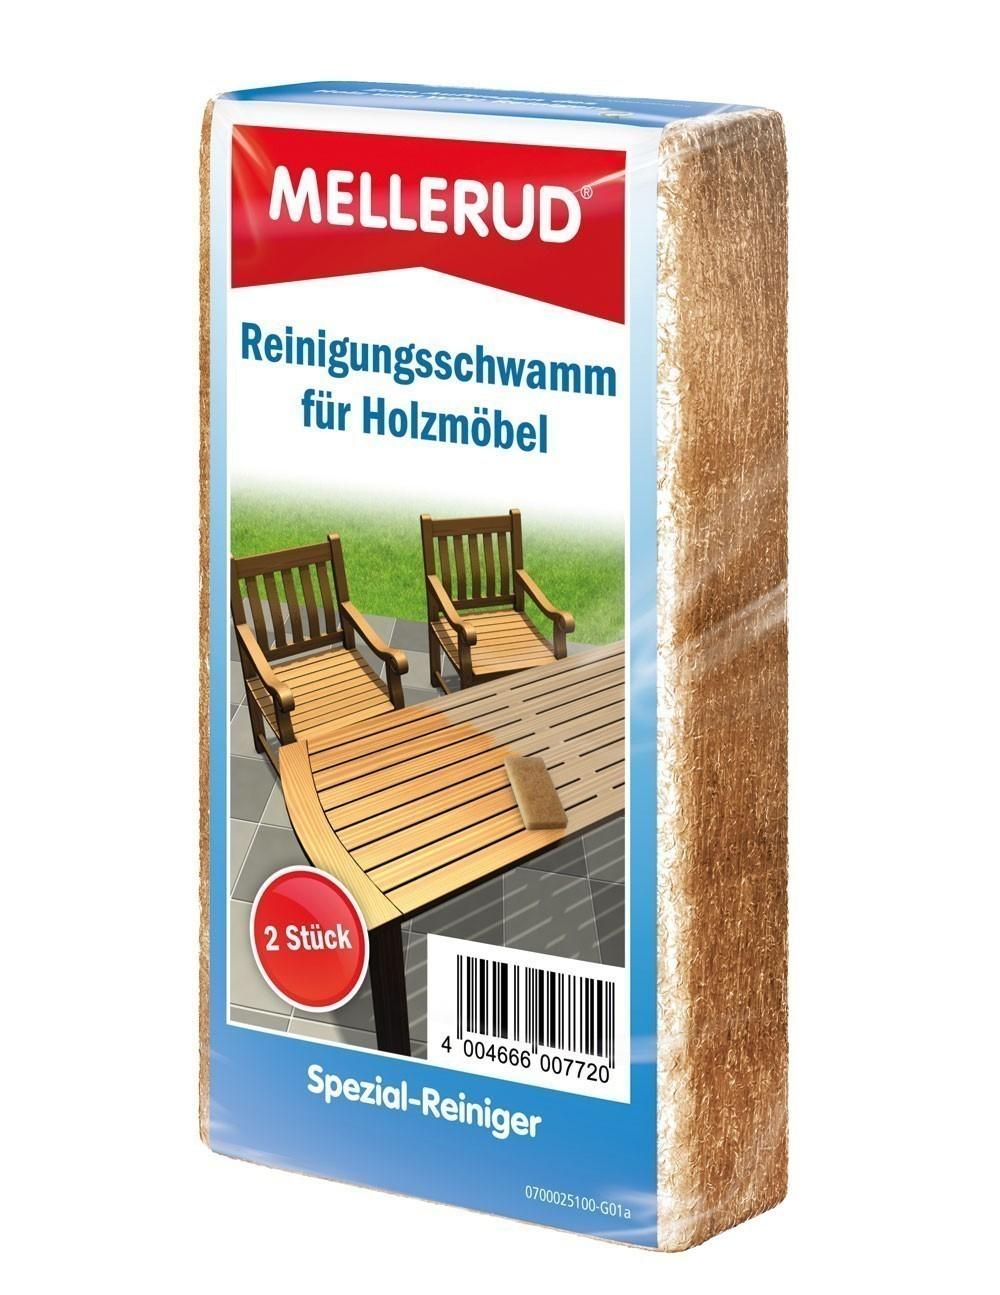 MELLERUD Reinigungsschwamm Holzmöbel 2 Stück Bild 1